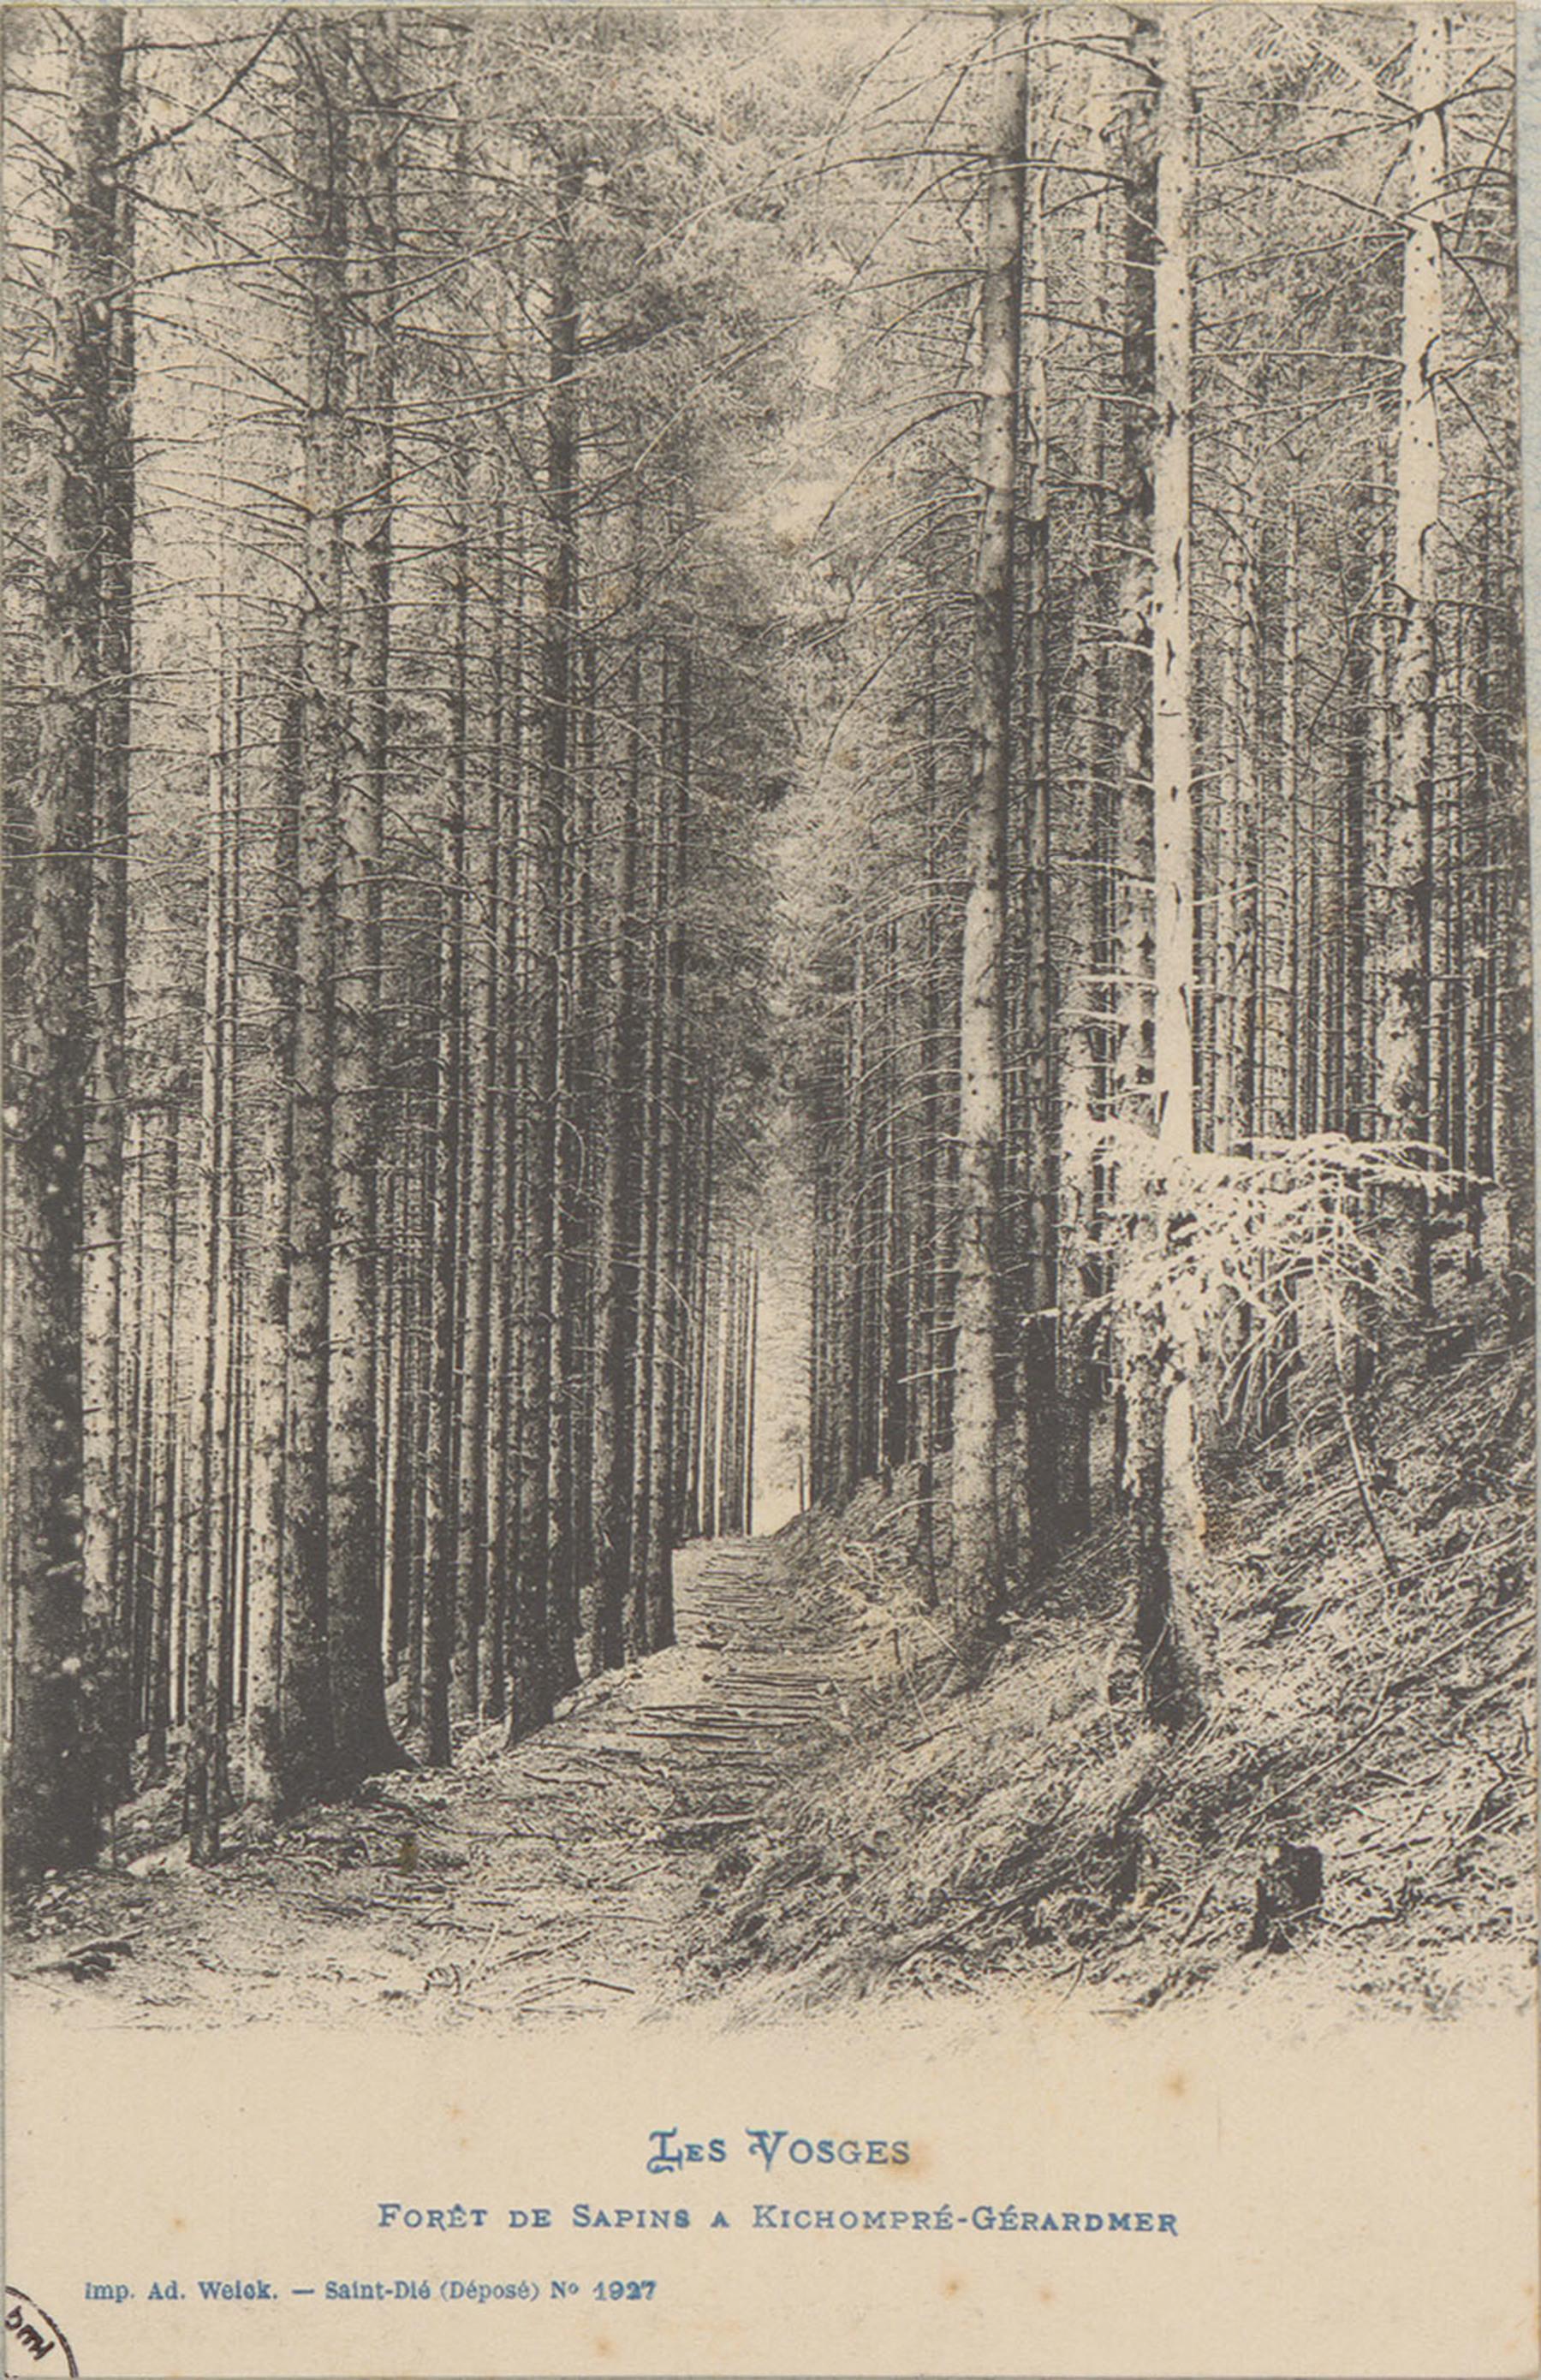 Contenu du Forêt de sapin à Kichompré-Gérardmer